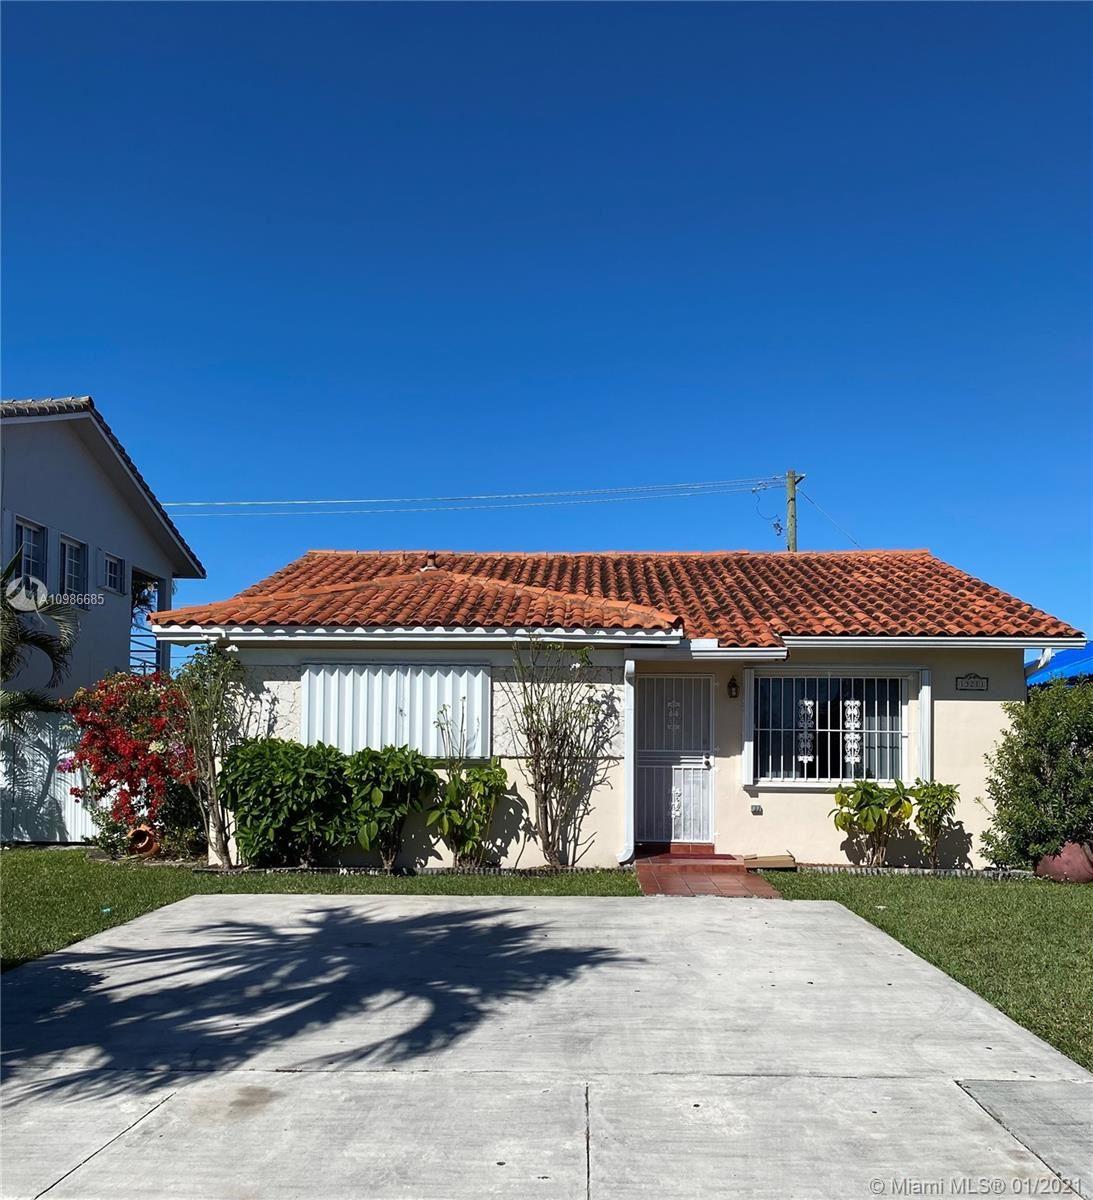 13211 SW 41st Ter, Miami, FL 33175 - #: A10986685